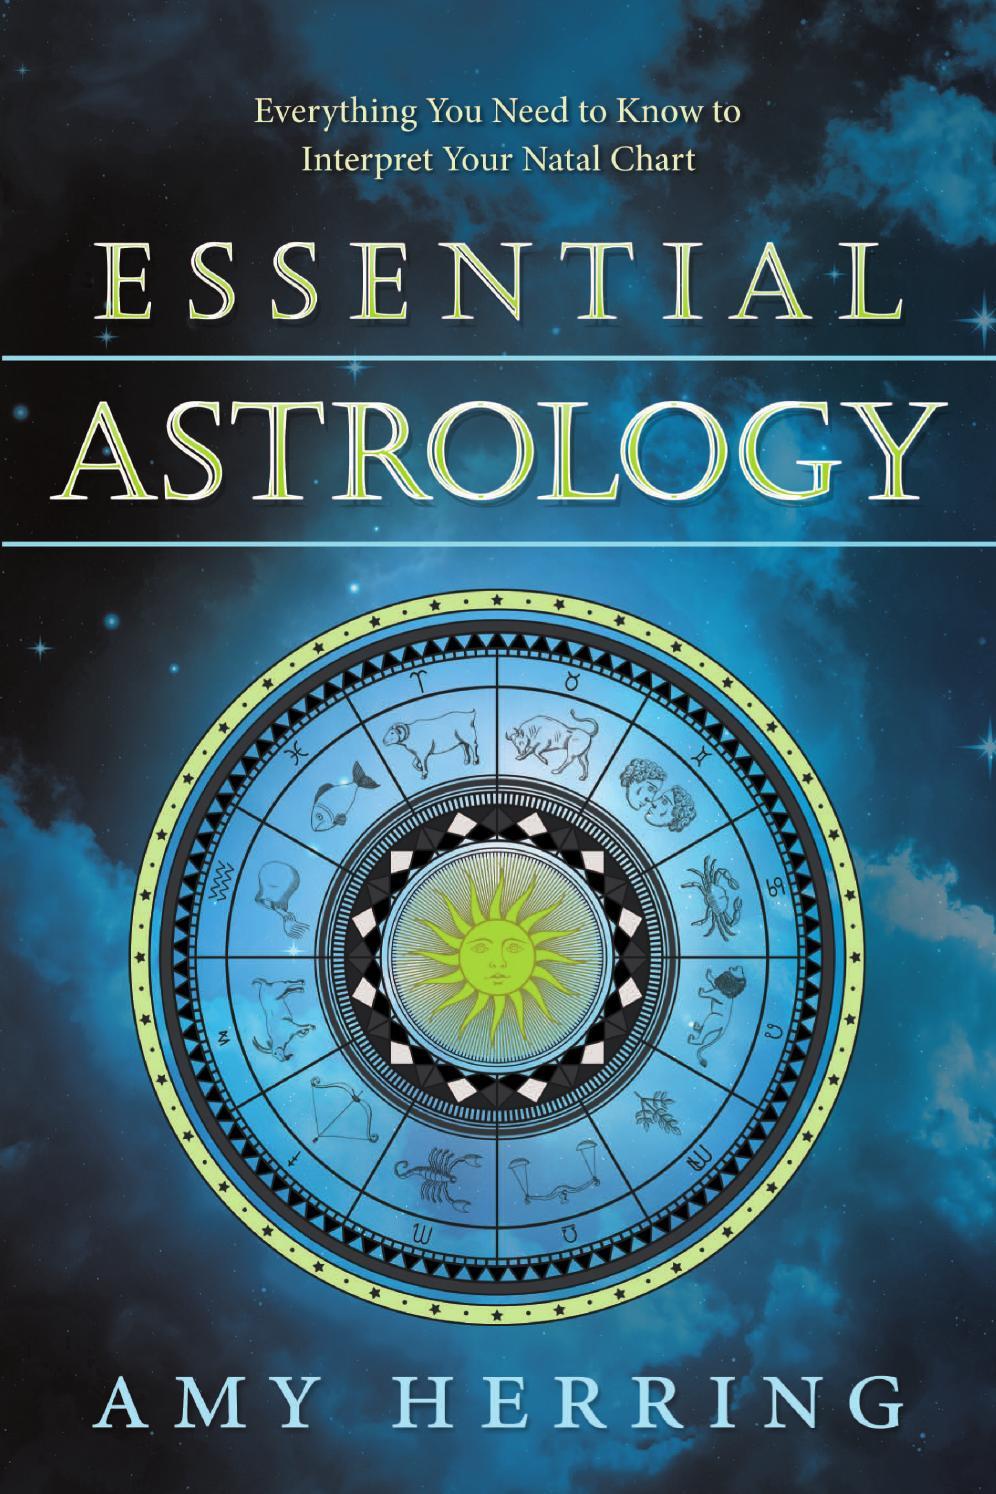 Essential Astrology By Amy Herring By Llewellyn Worldwide Ltd Issuu